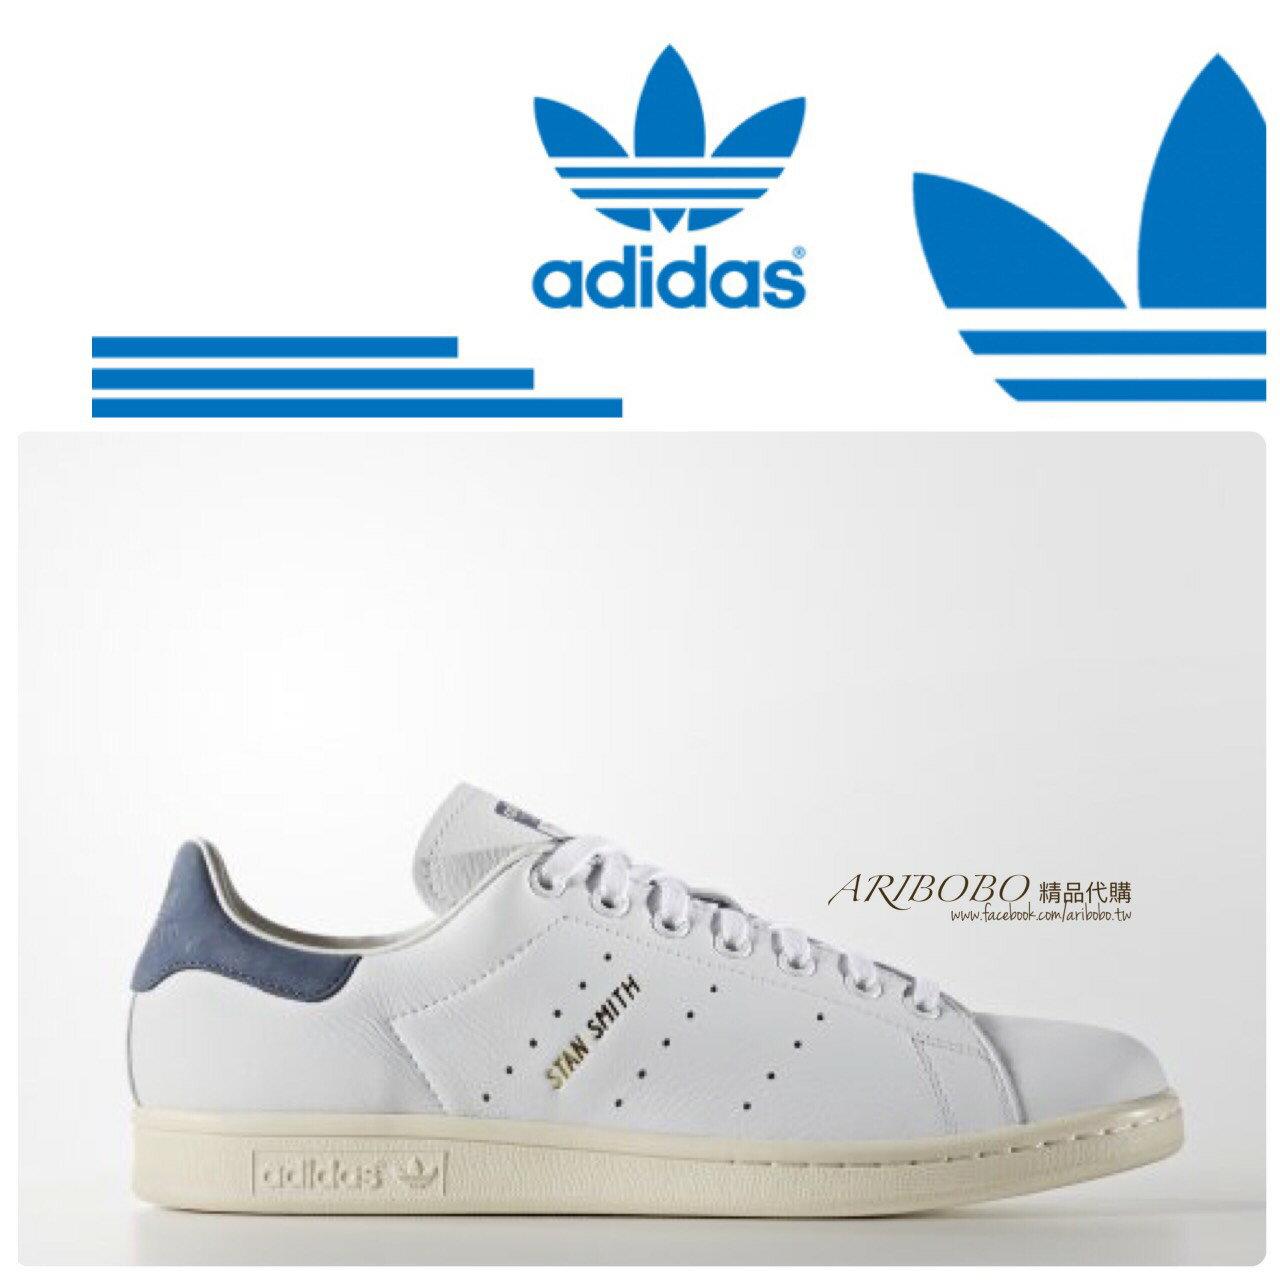 艾莉波波【adidas】愛迪達 Stan Smith X 2016新色 S80024  S80025 S80026(版型偏大,建議小半號唷)精品 代購 1